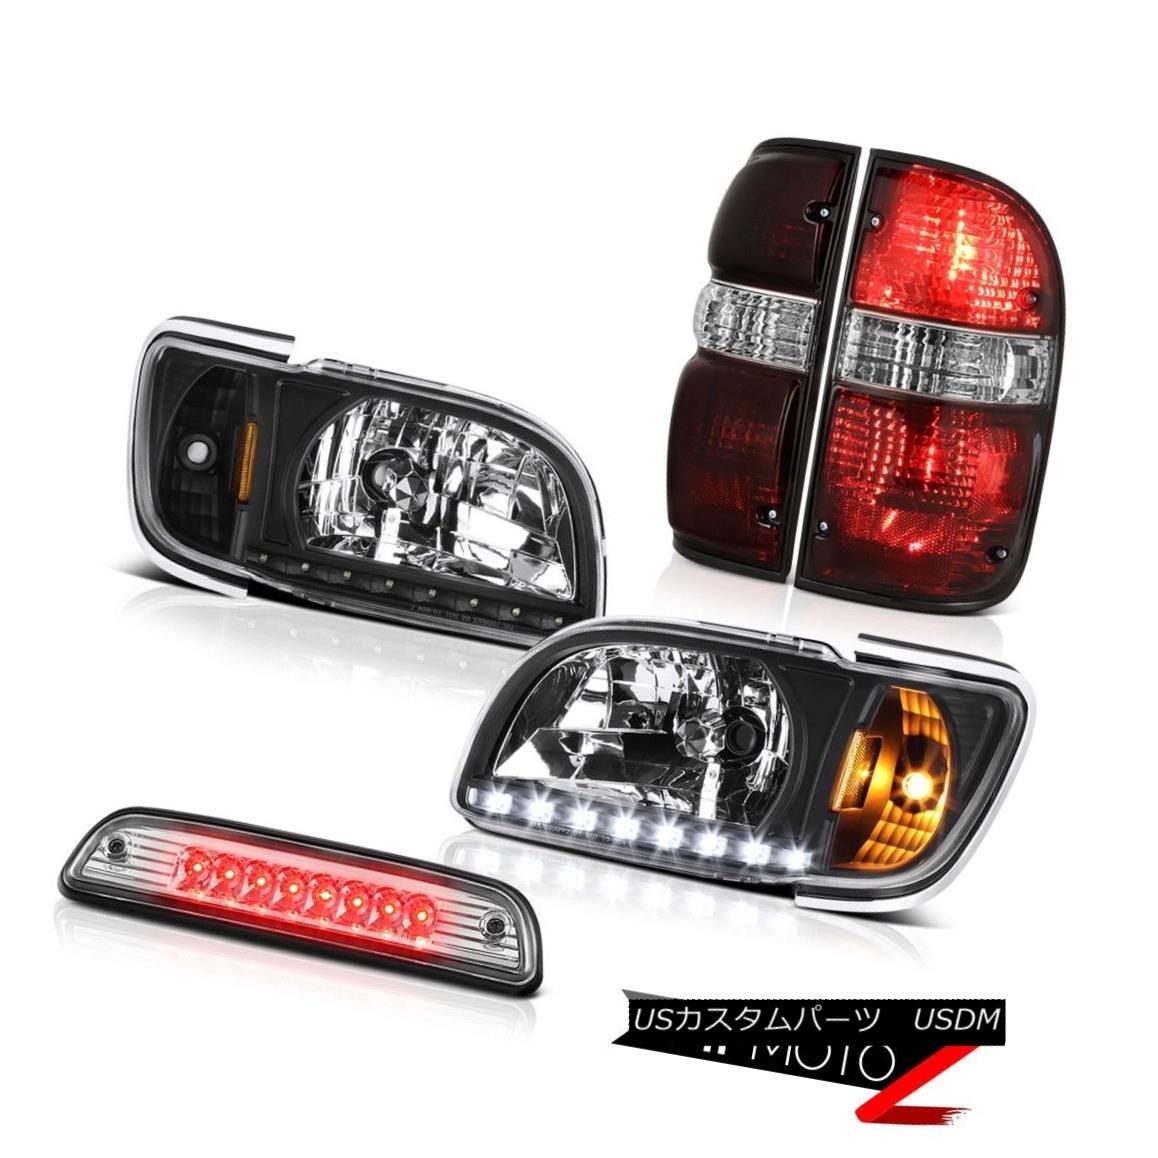 テールライト 2001-2004 Toyota Tacoma SR5 Roof brake lamp taillamps black headlamps bumper LED 2001-2004トヨタタコマSR5ルーフブレーキランプテールランプブラックヘッドランプバンパーLED